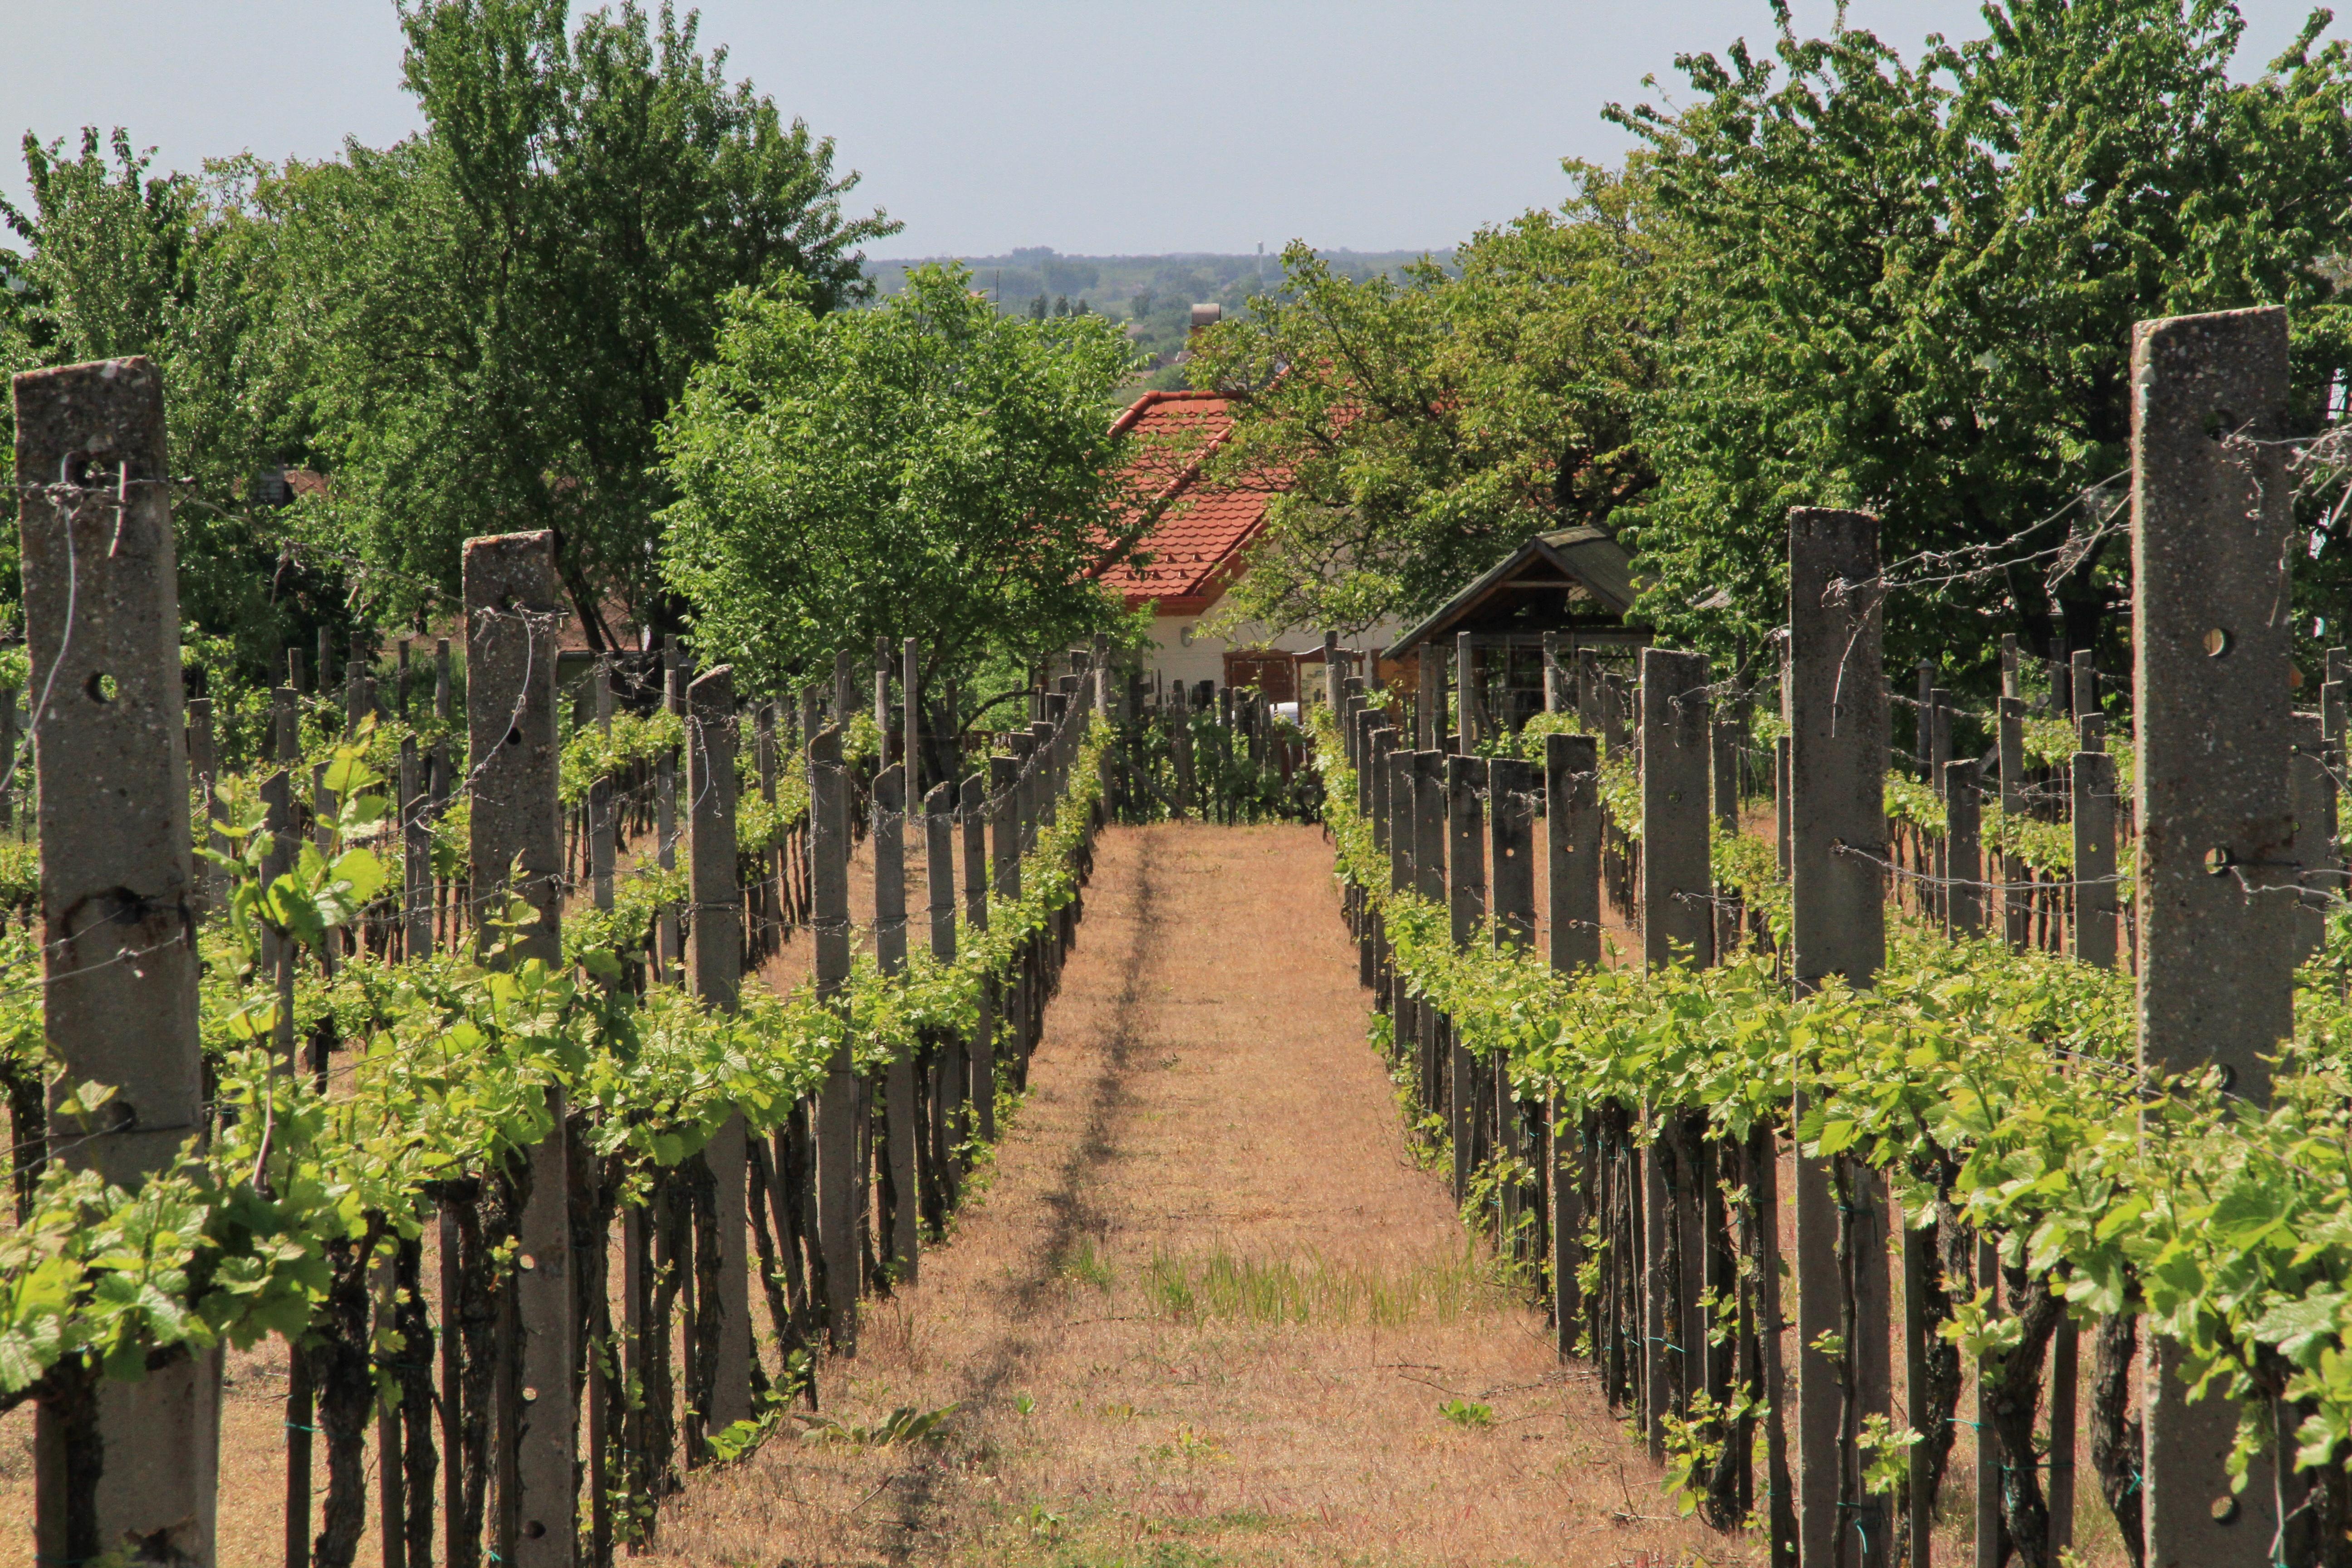 Eladó szőlő a Strázsahegyen